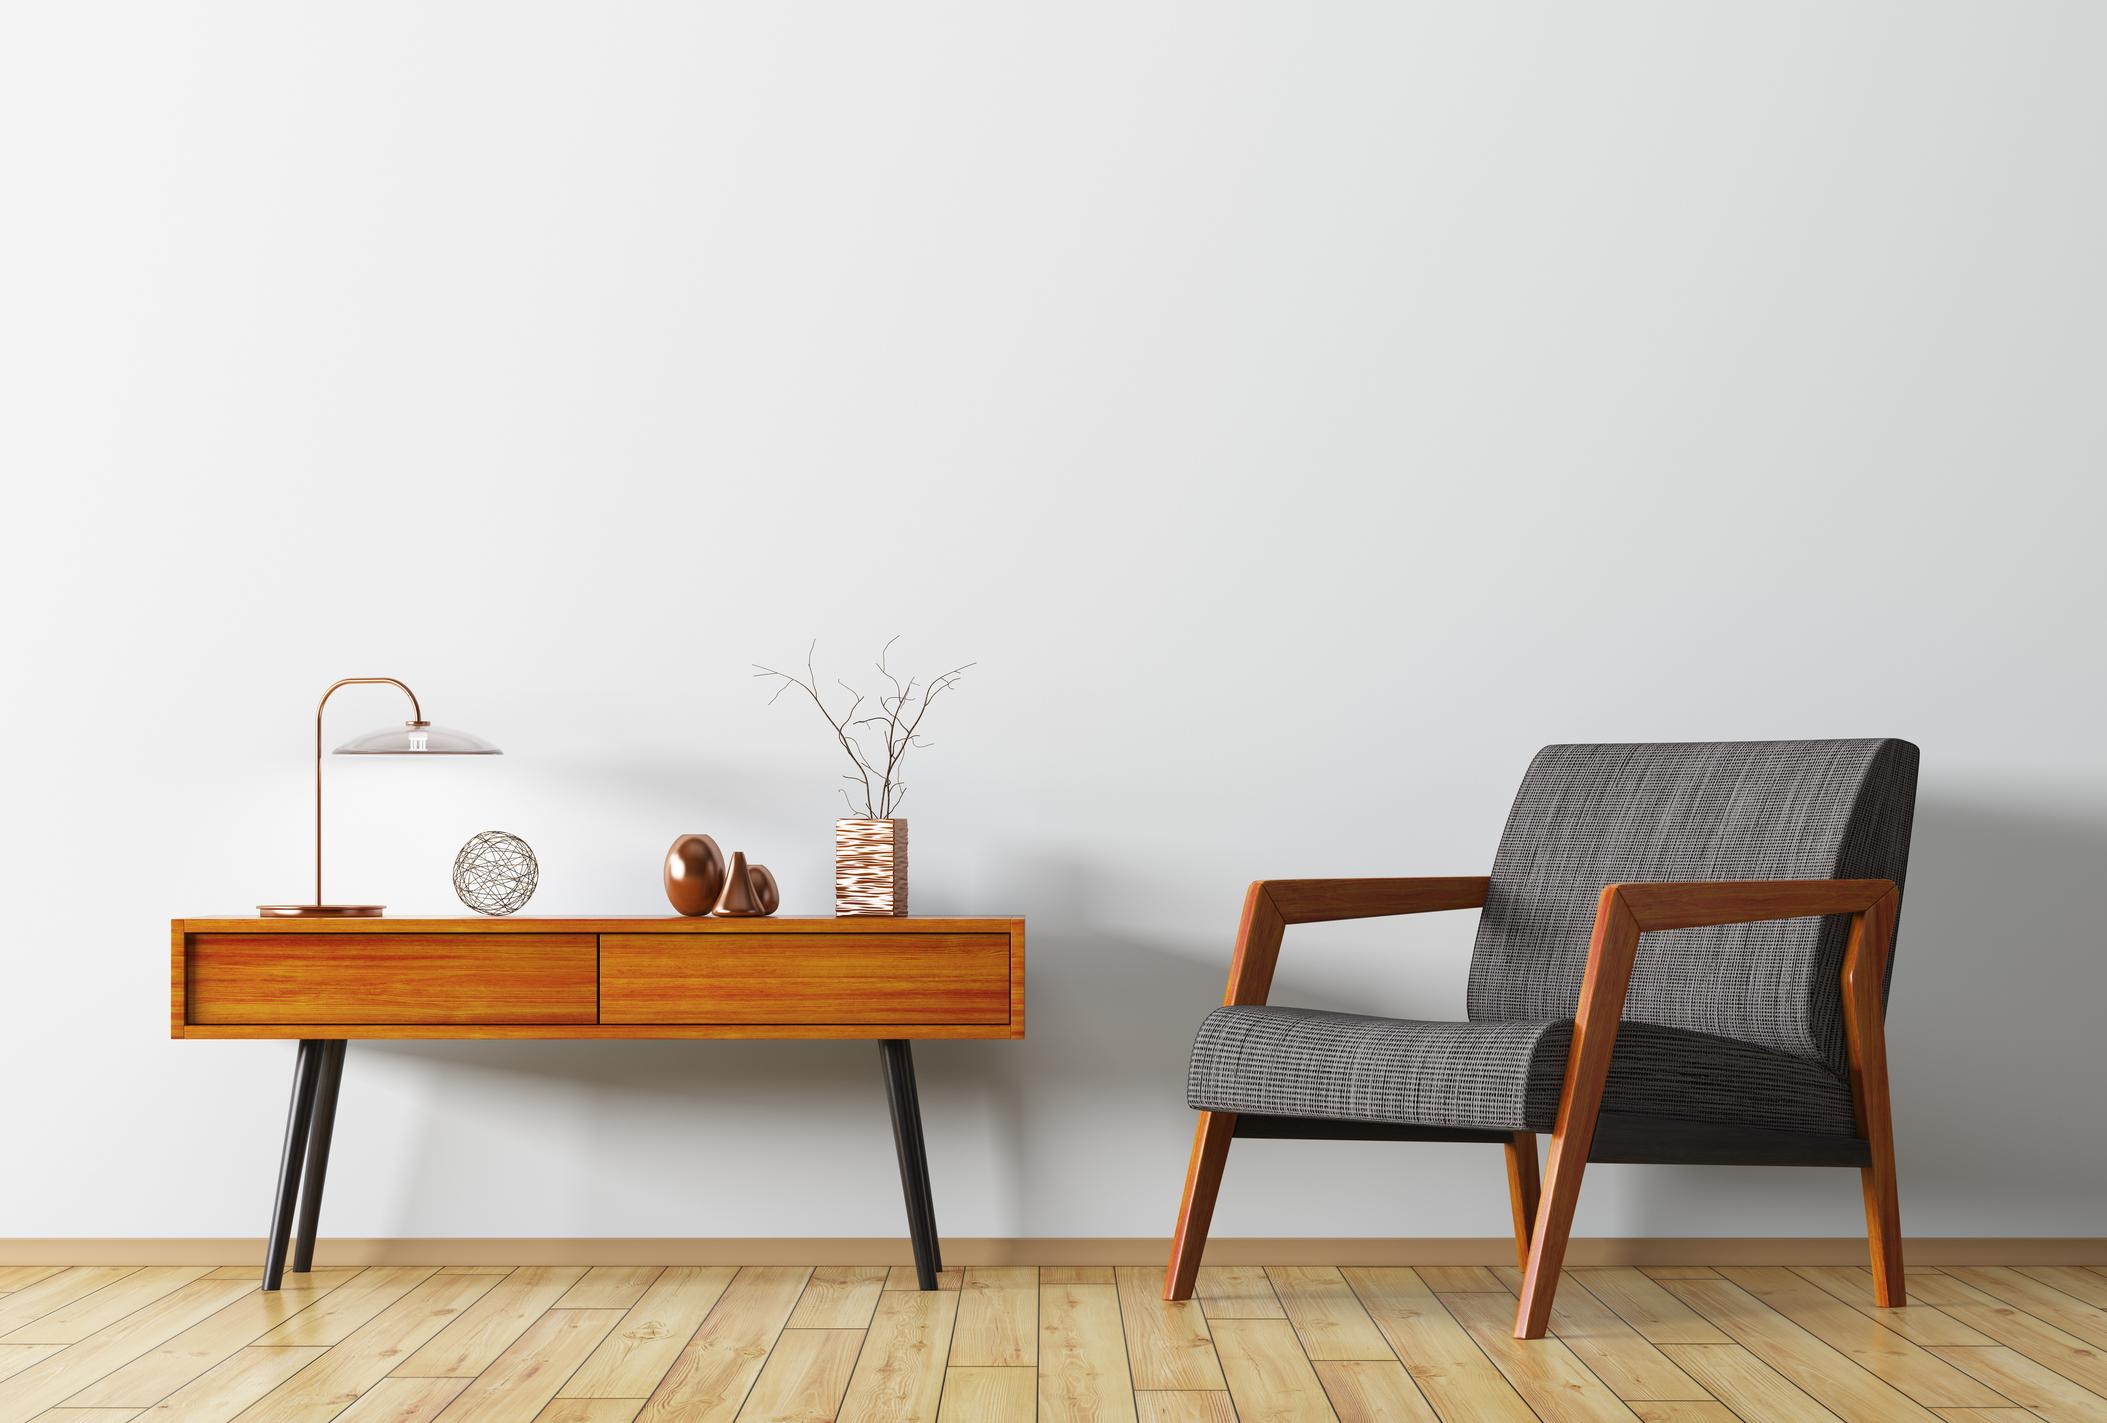 Може да боядисате една стая в бяло. Не се притеснявайте, няма да изглежда като в болница, ако мебелите и декорациите ви са в по-контрастни цветове.